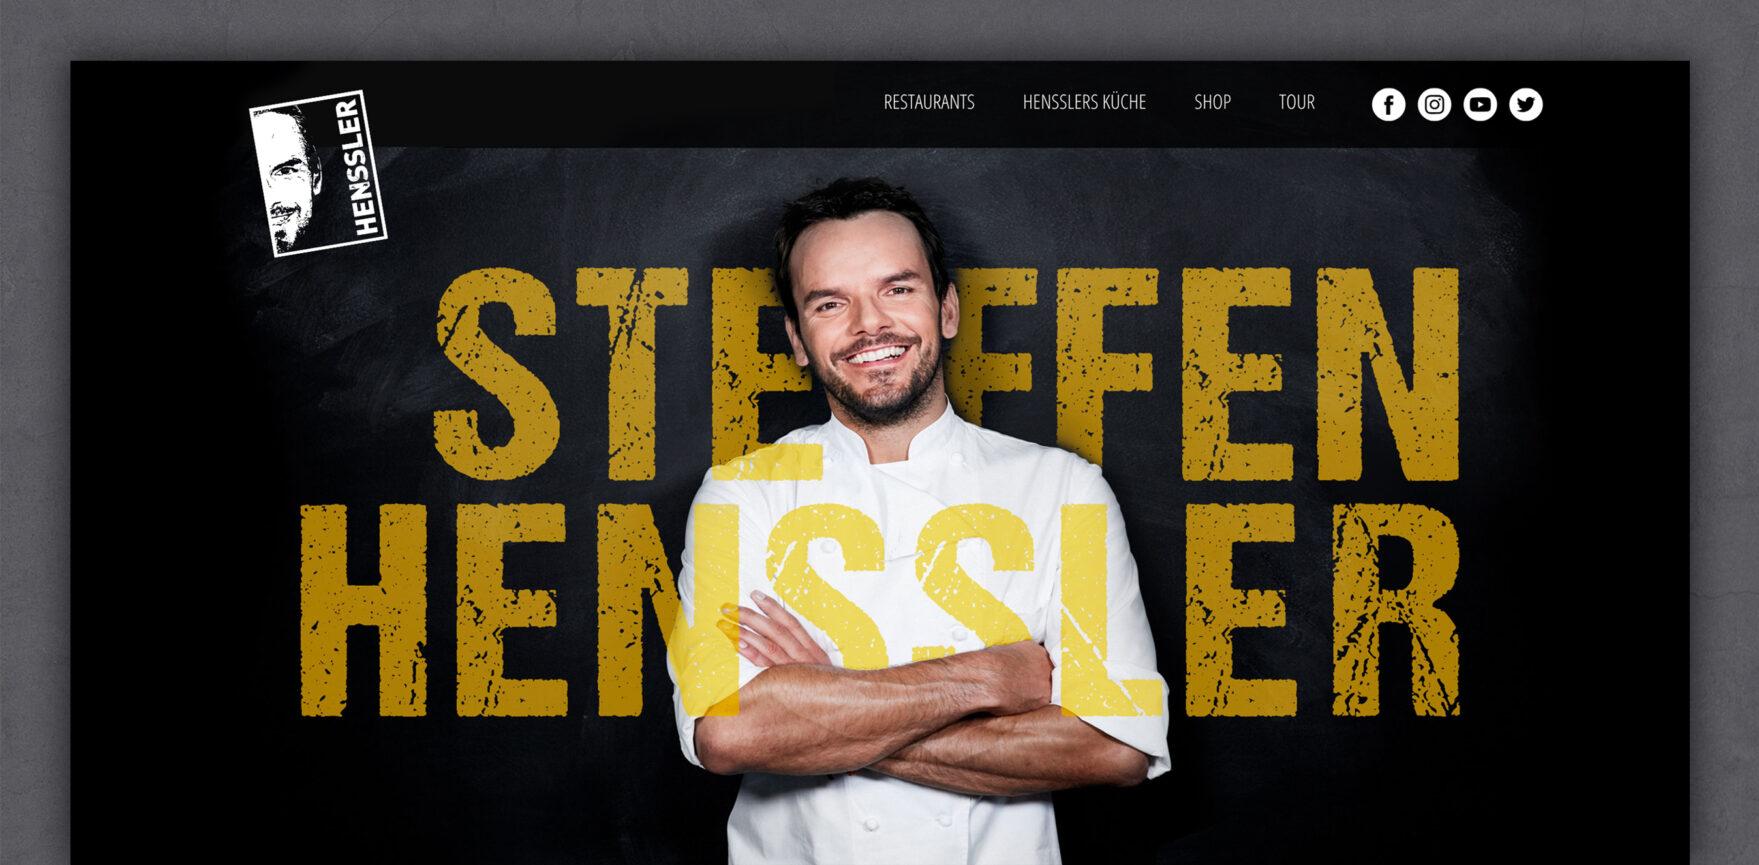 Bannerbild Steffen Henssler Website